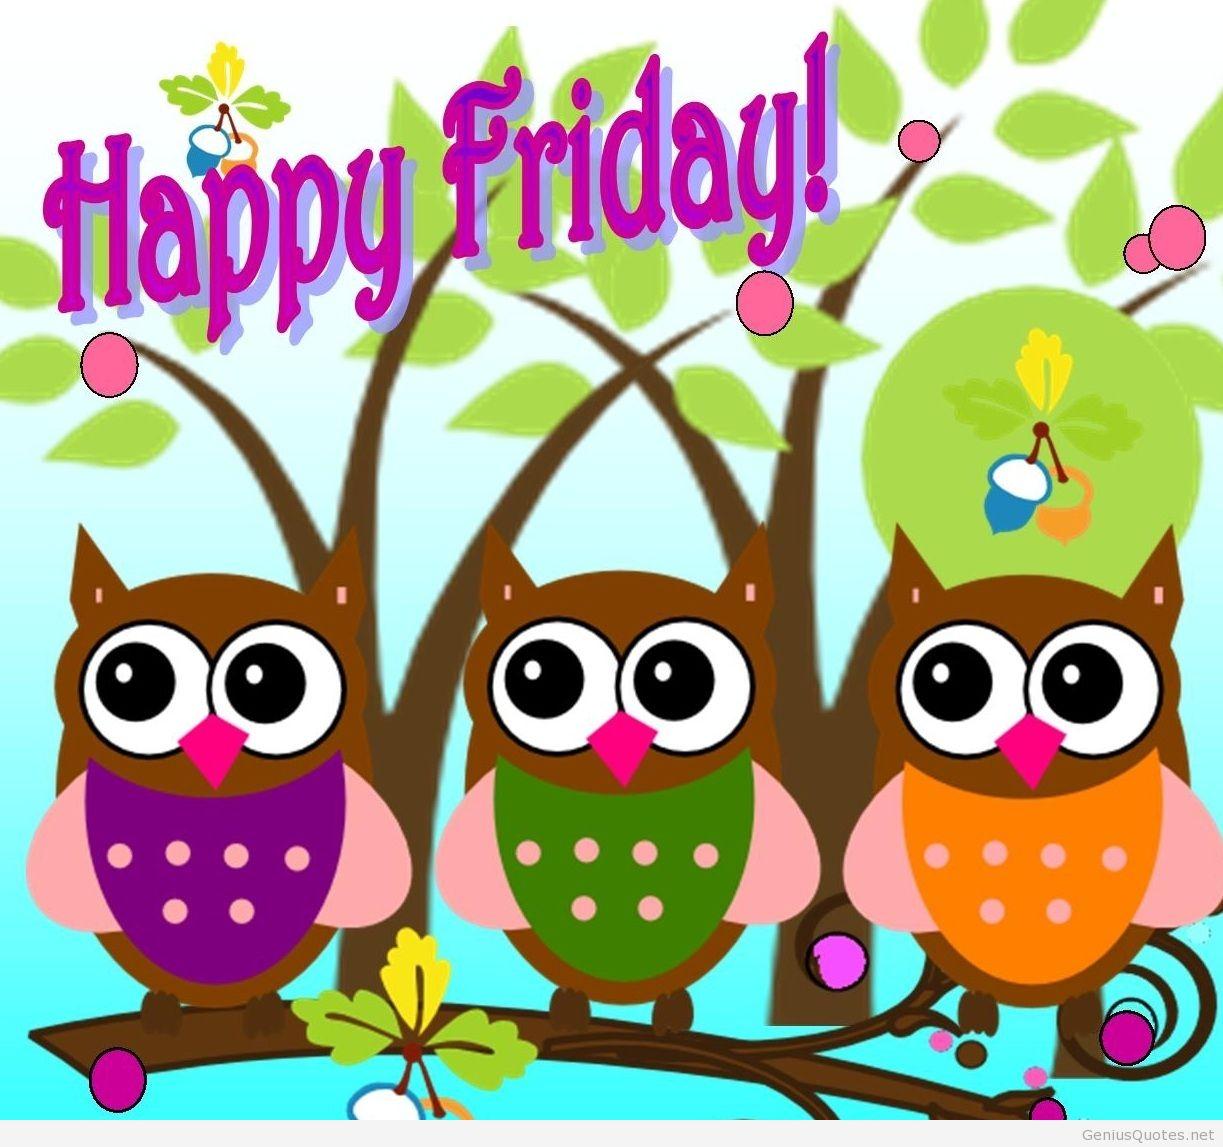 Happy Friday Quotes Funny Clipart Cartoon 20140904120643 ...